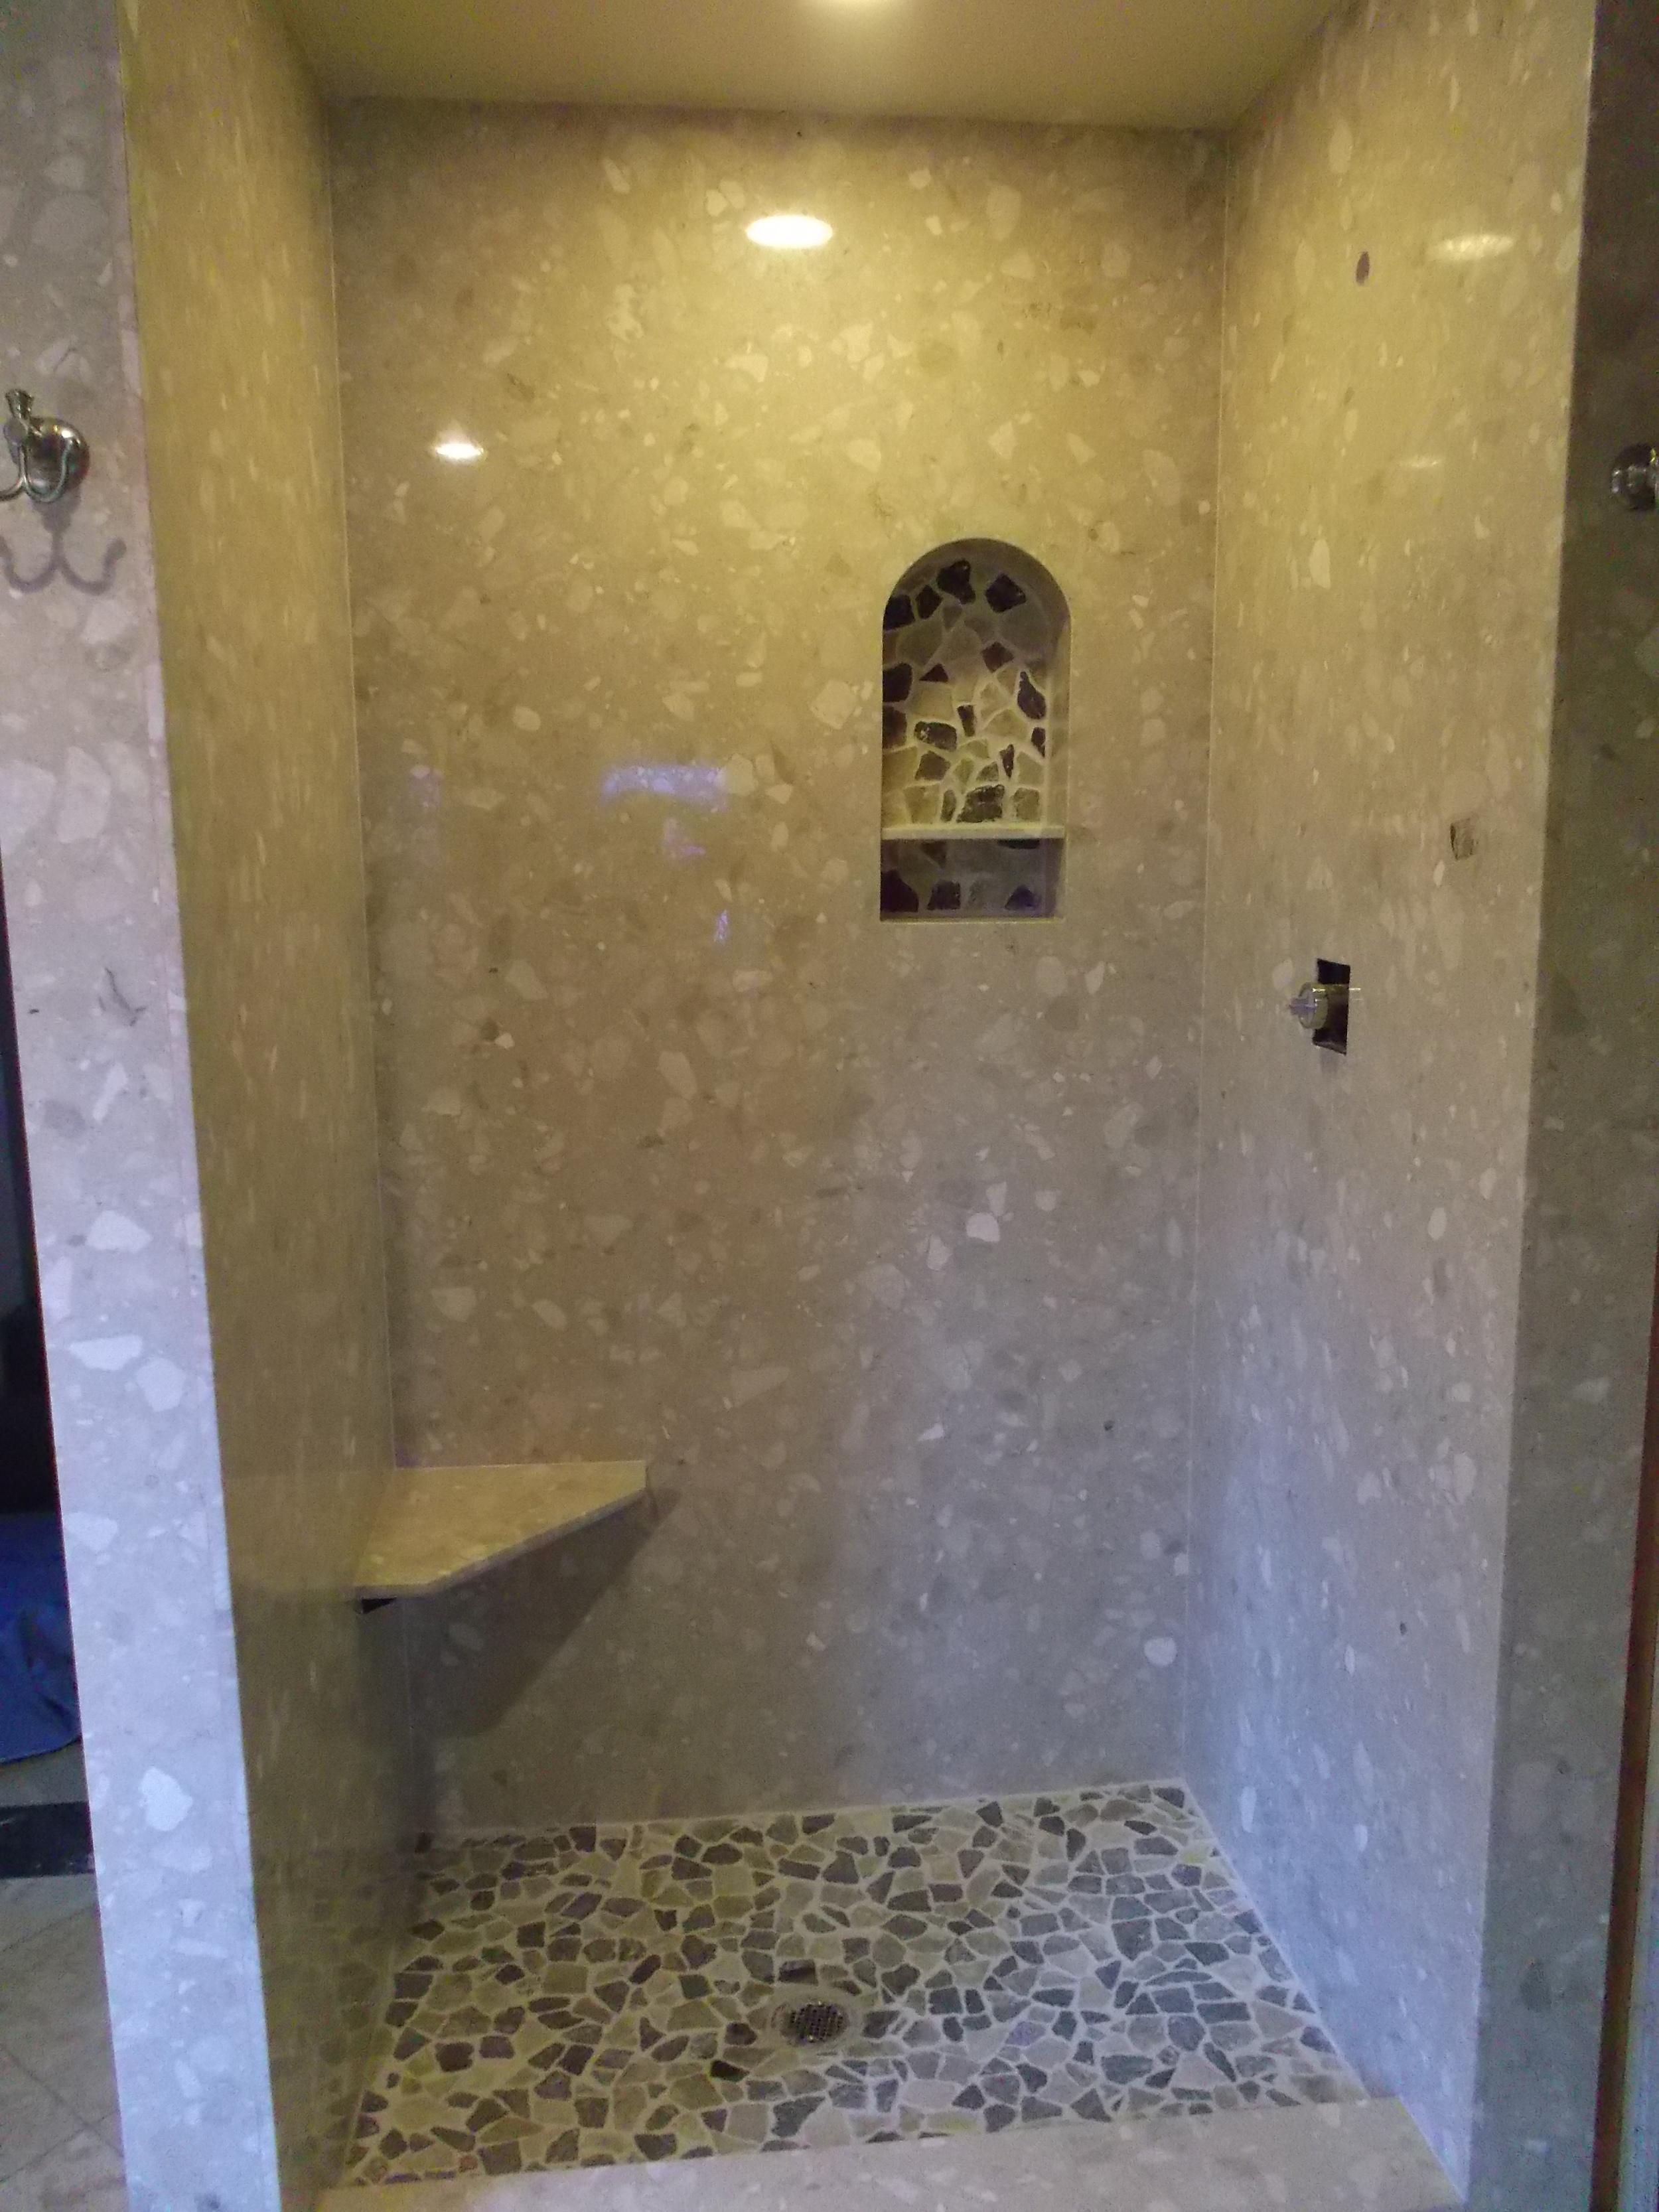 TopsSolidSurface_Shower_DSCF0602.JPG